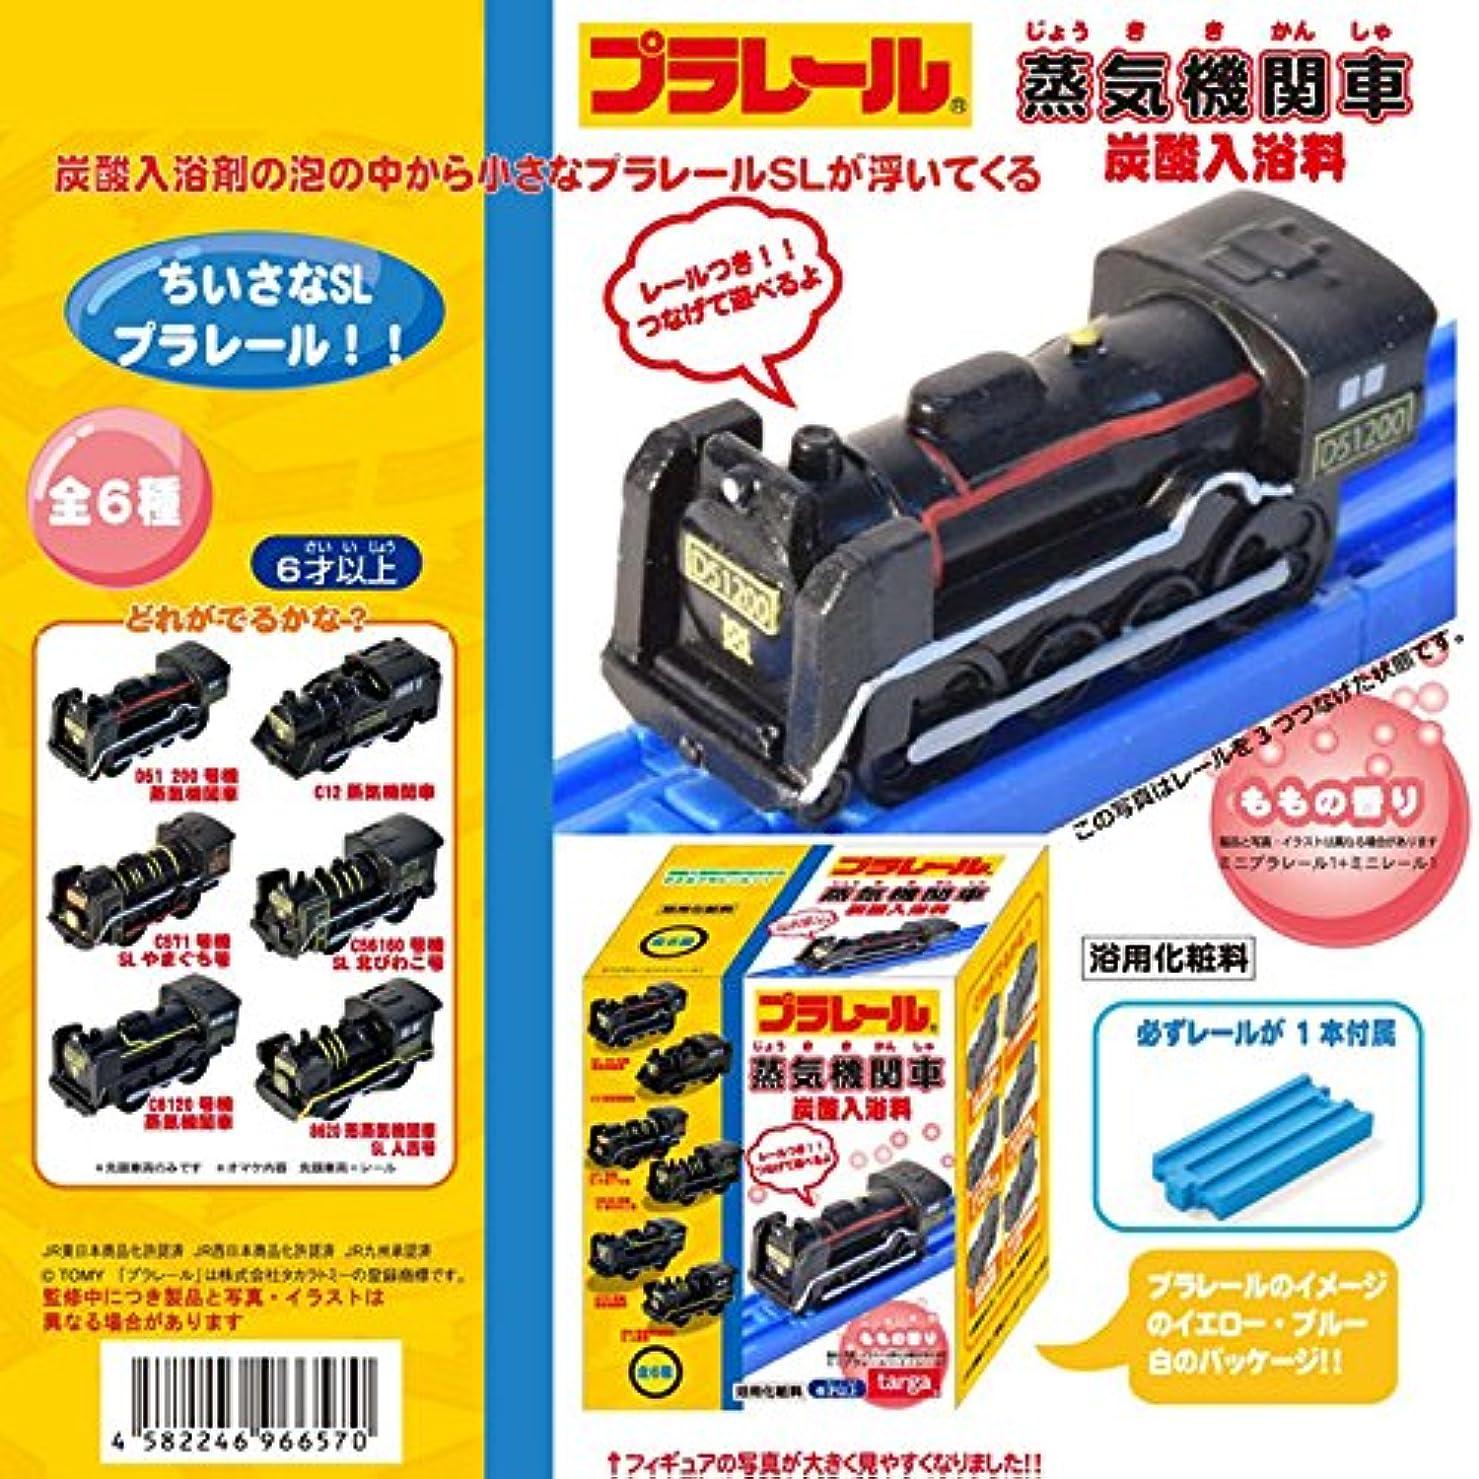 豚肉場合ホラープラレール 蒸気機関車 炭酸入浴料 6個1セット ももの香り レールつき機関車 入浴剤